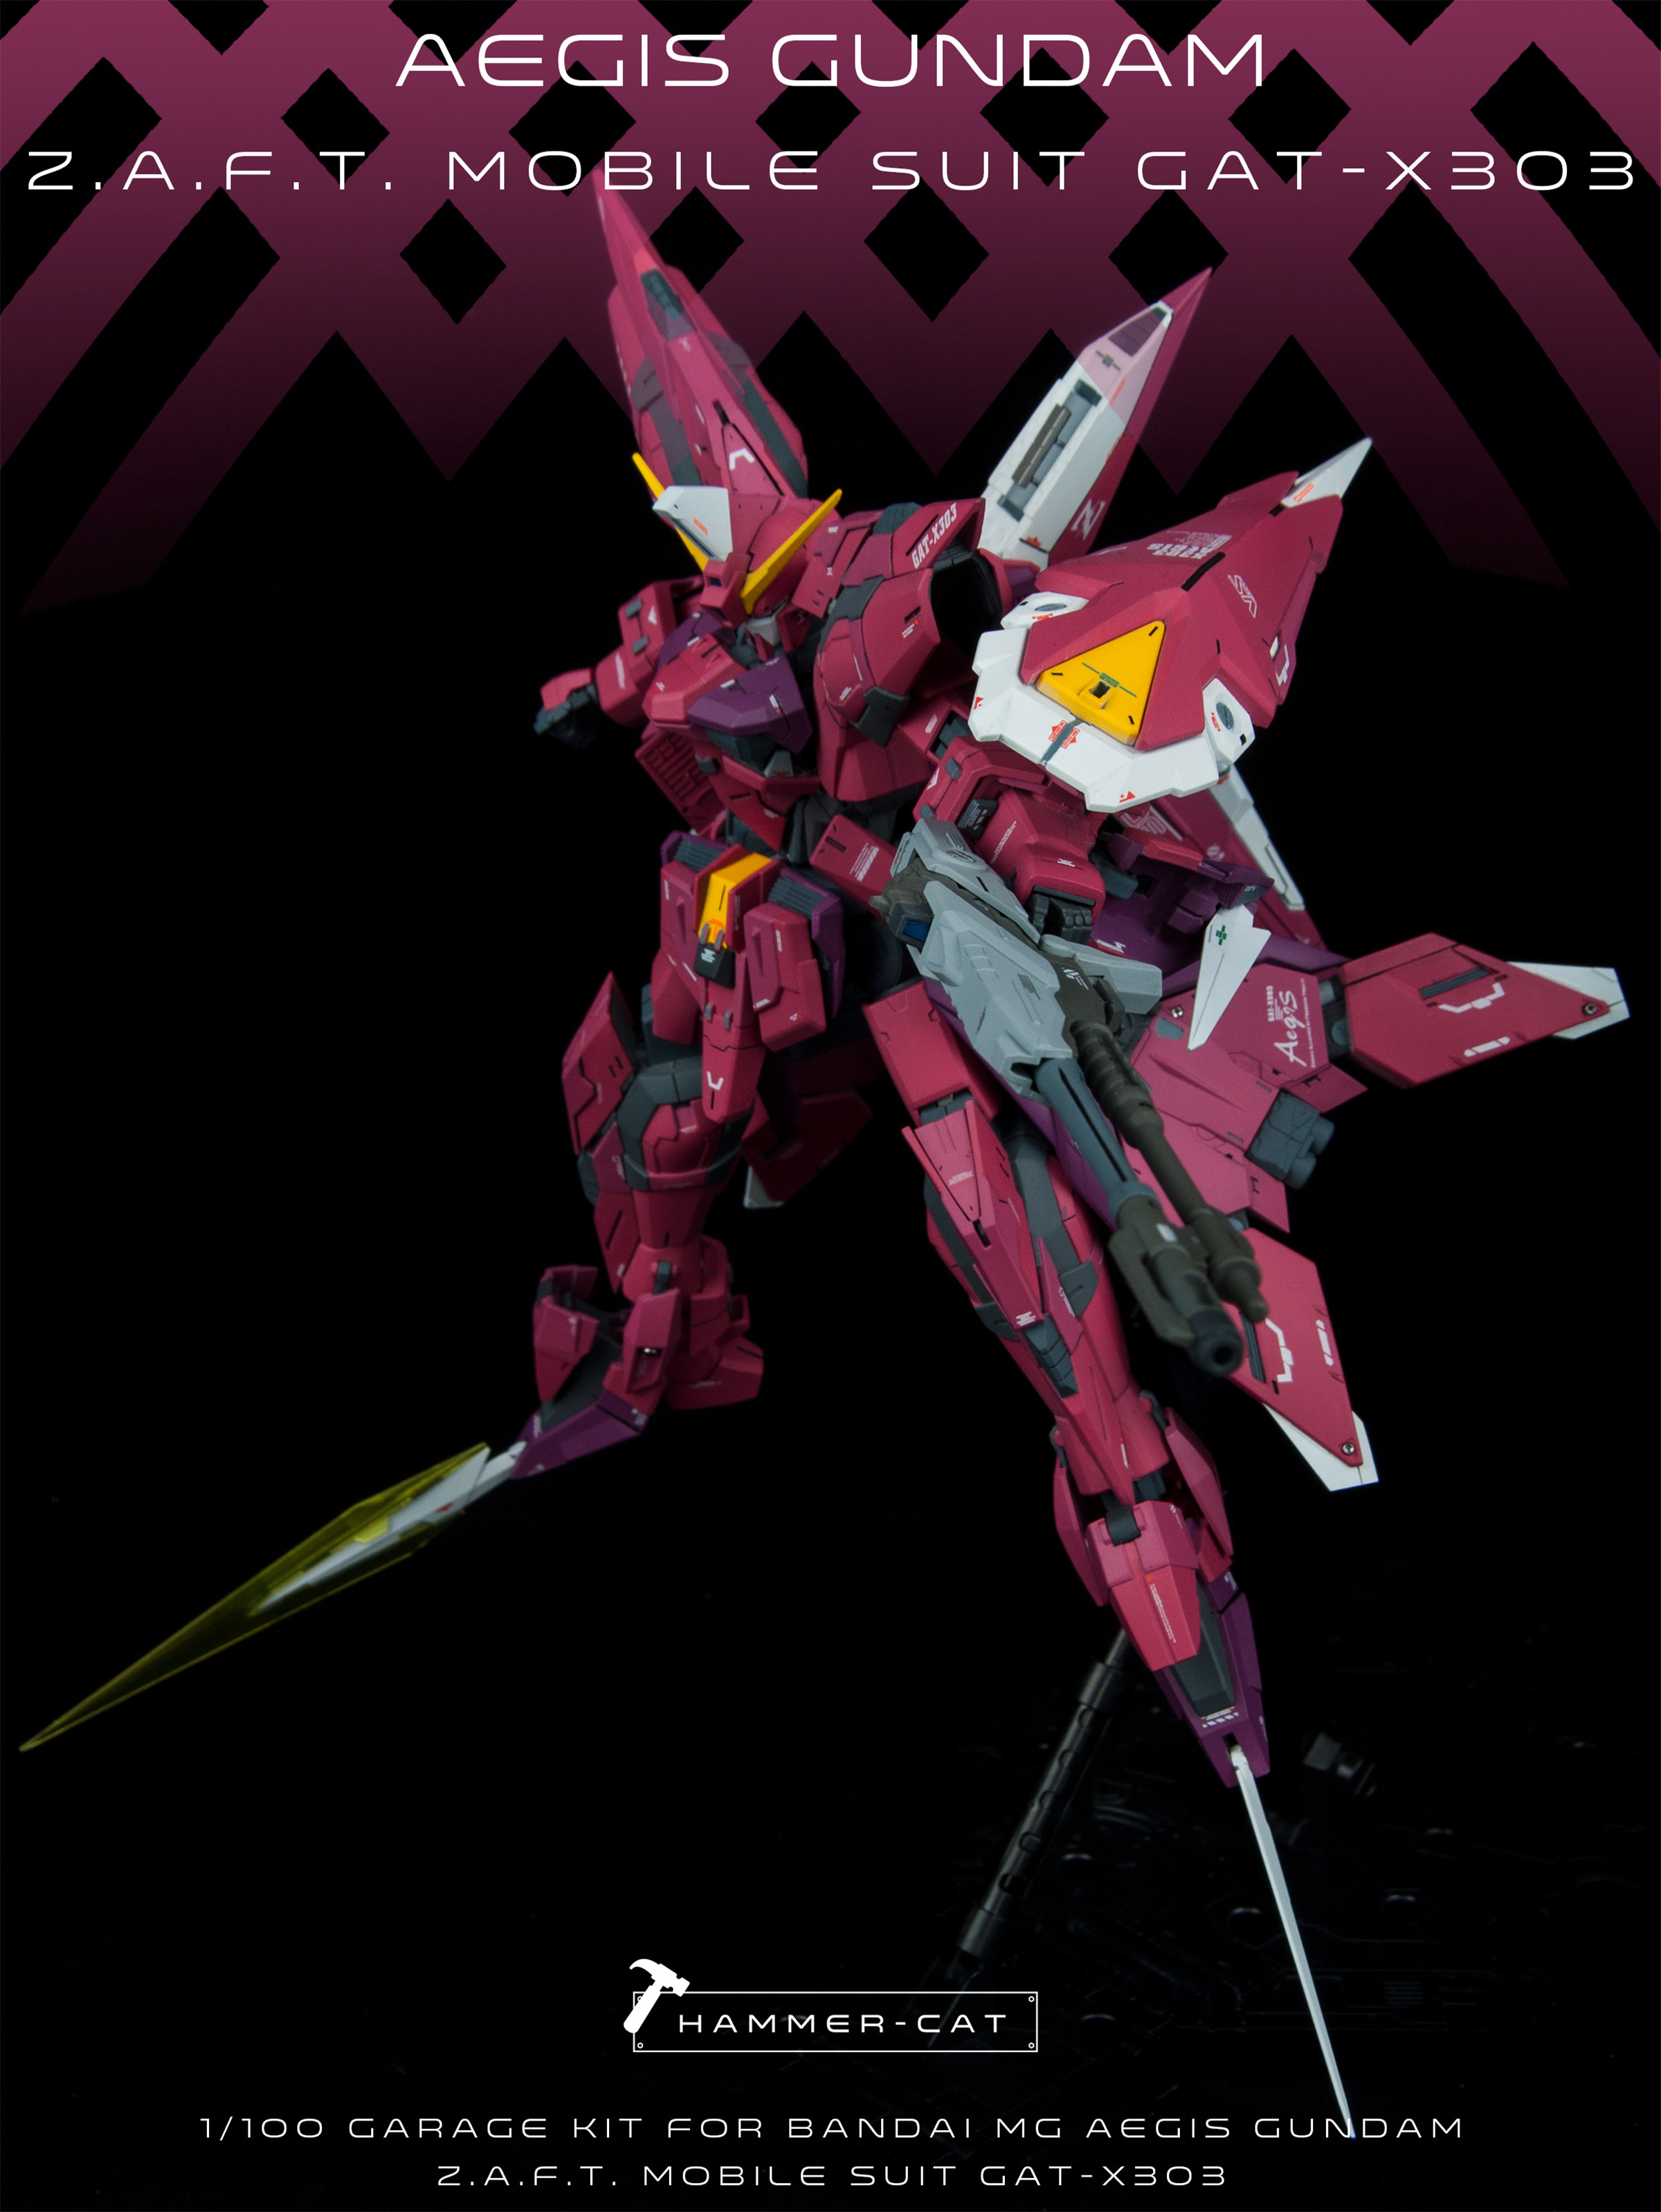 G579_GAT_X303_Aegis_Gundam_005.jpg